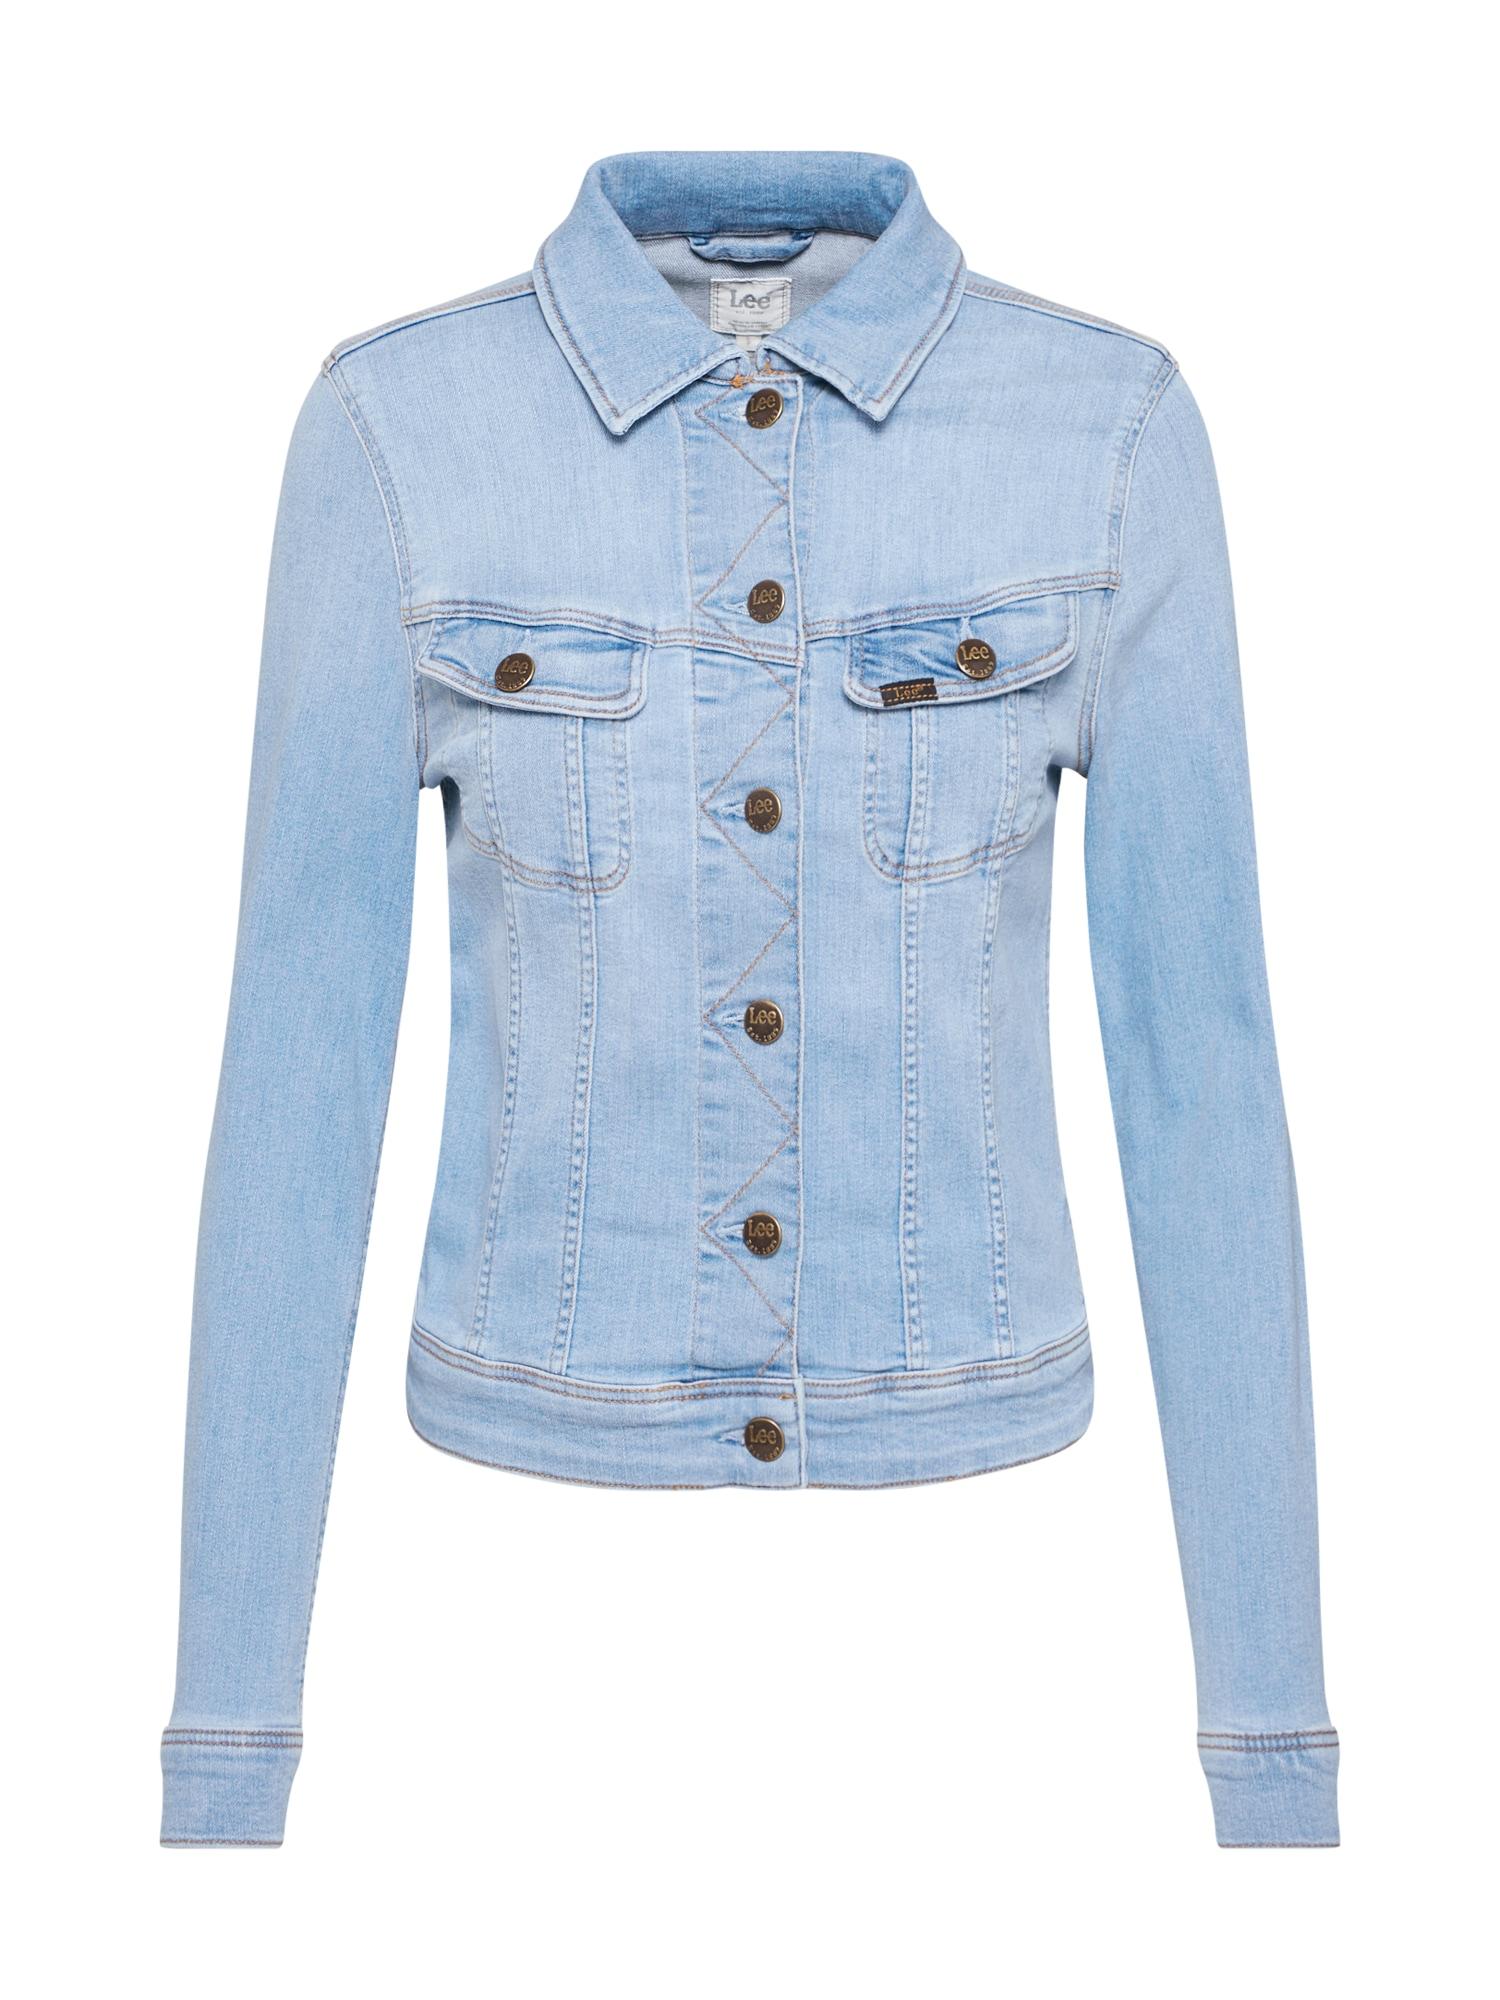 Lee Demisezoninė striukė tamsiai (džinso) mėlyna